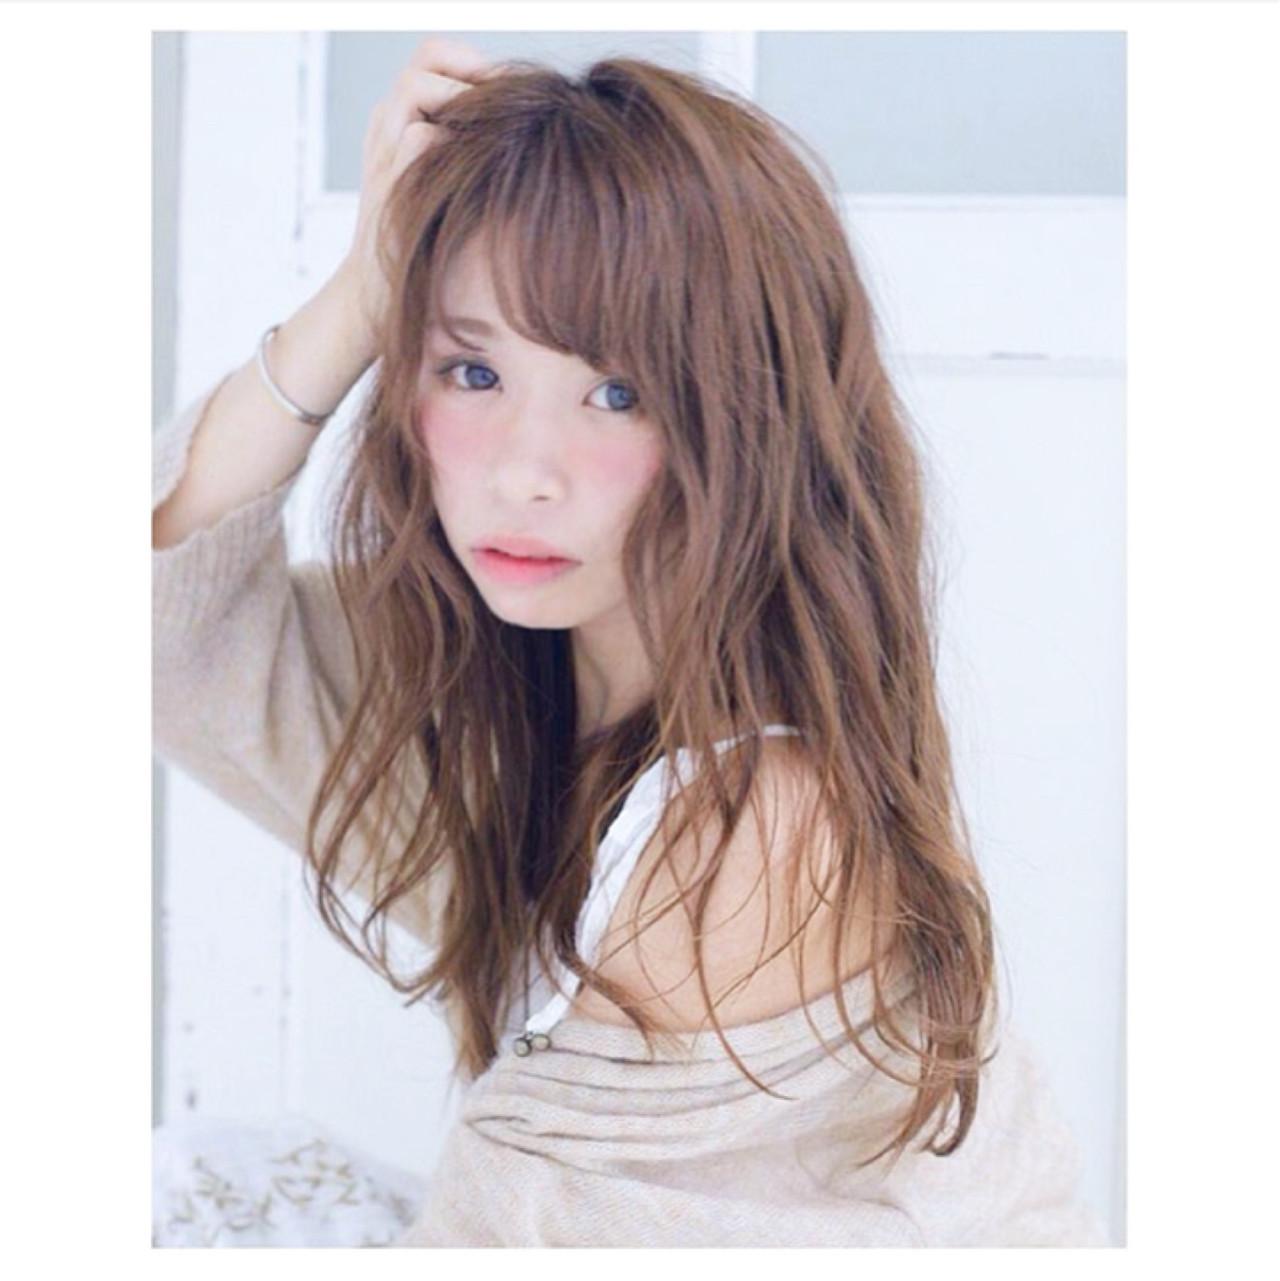 ニュアンス フェミニン ガーリー 大人女子 ヘアスタイルや髪型の写真・画像 | erica /